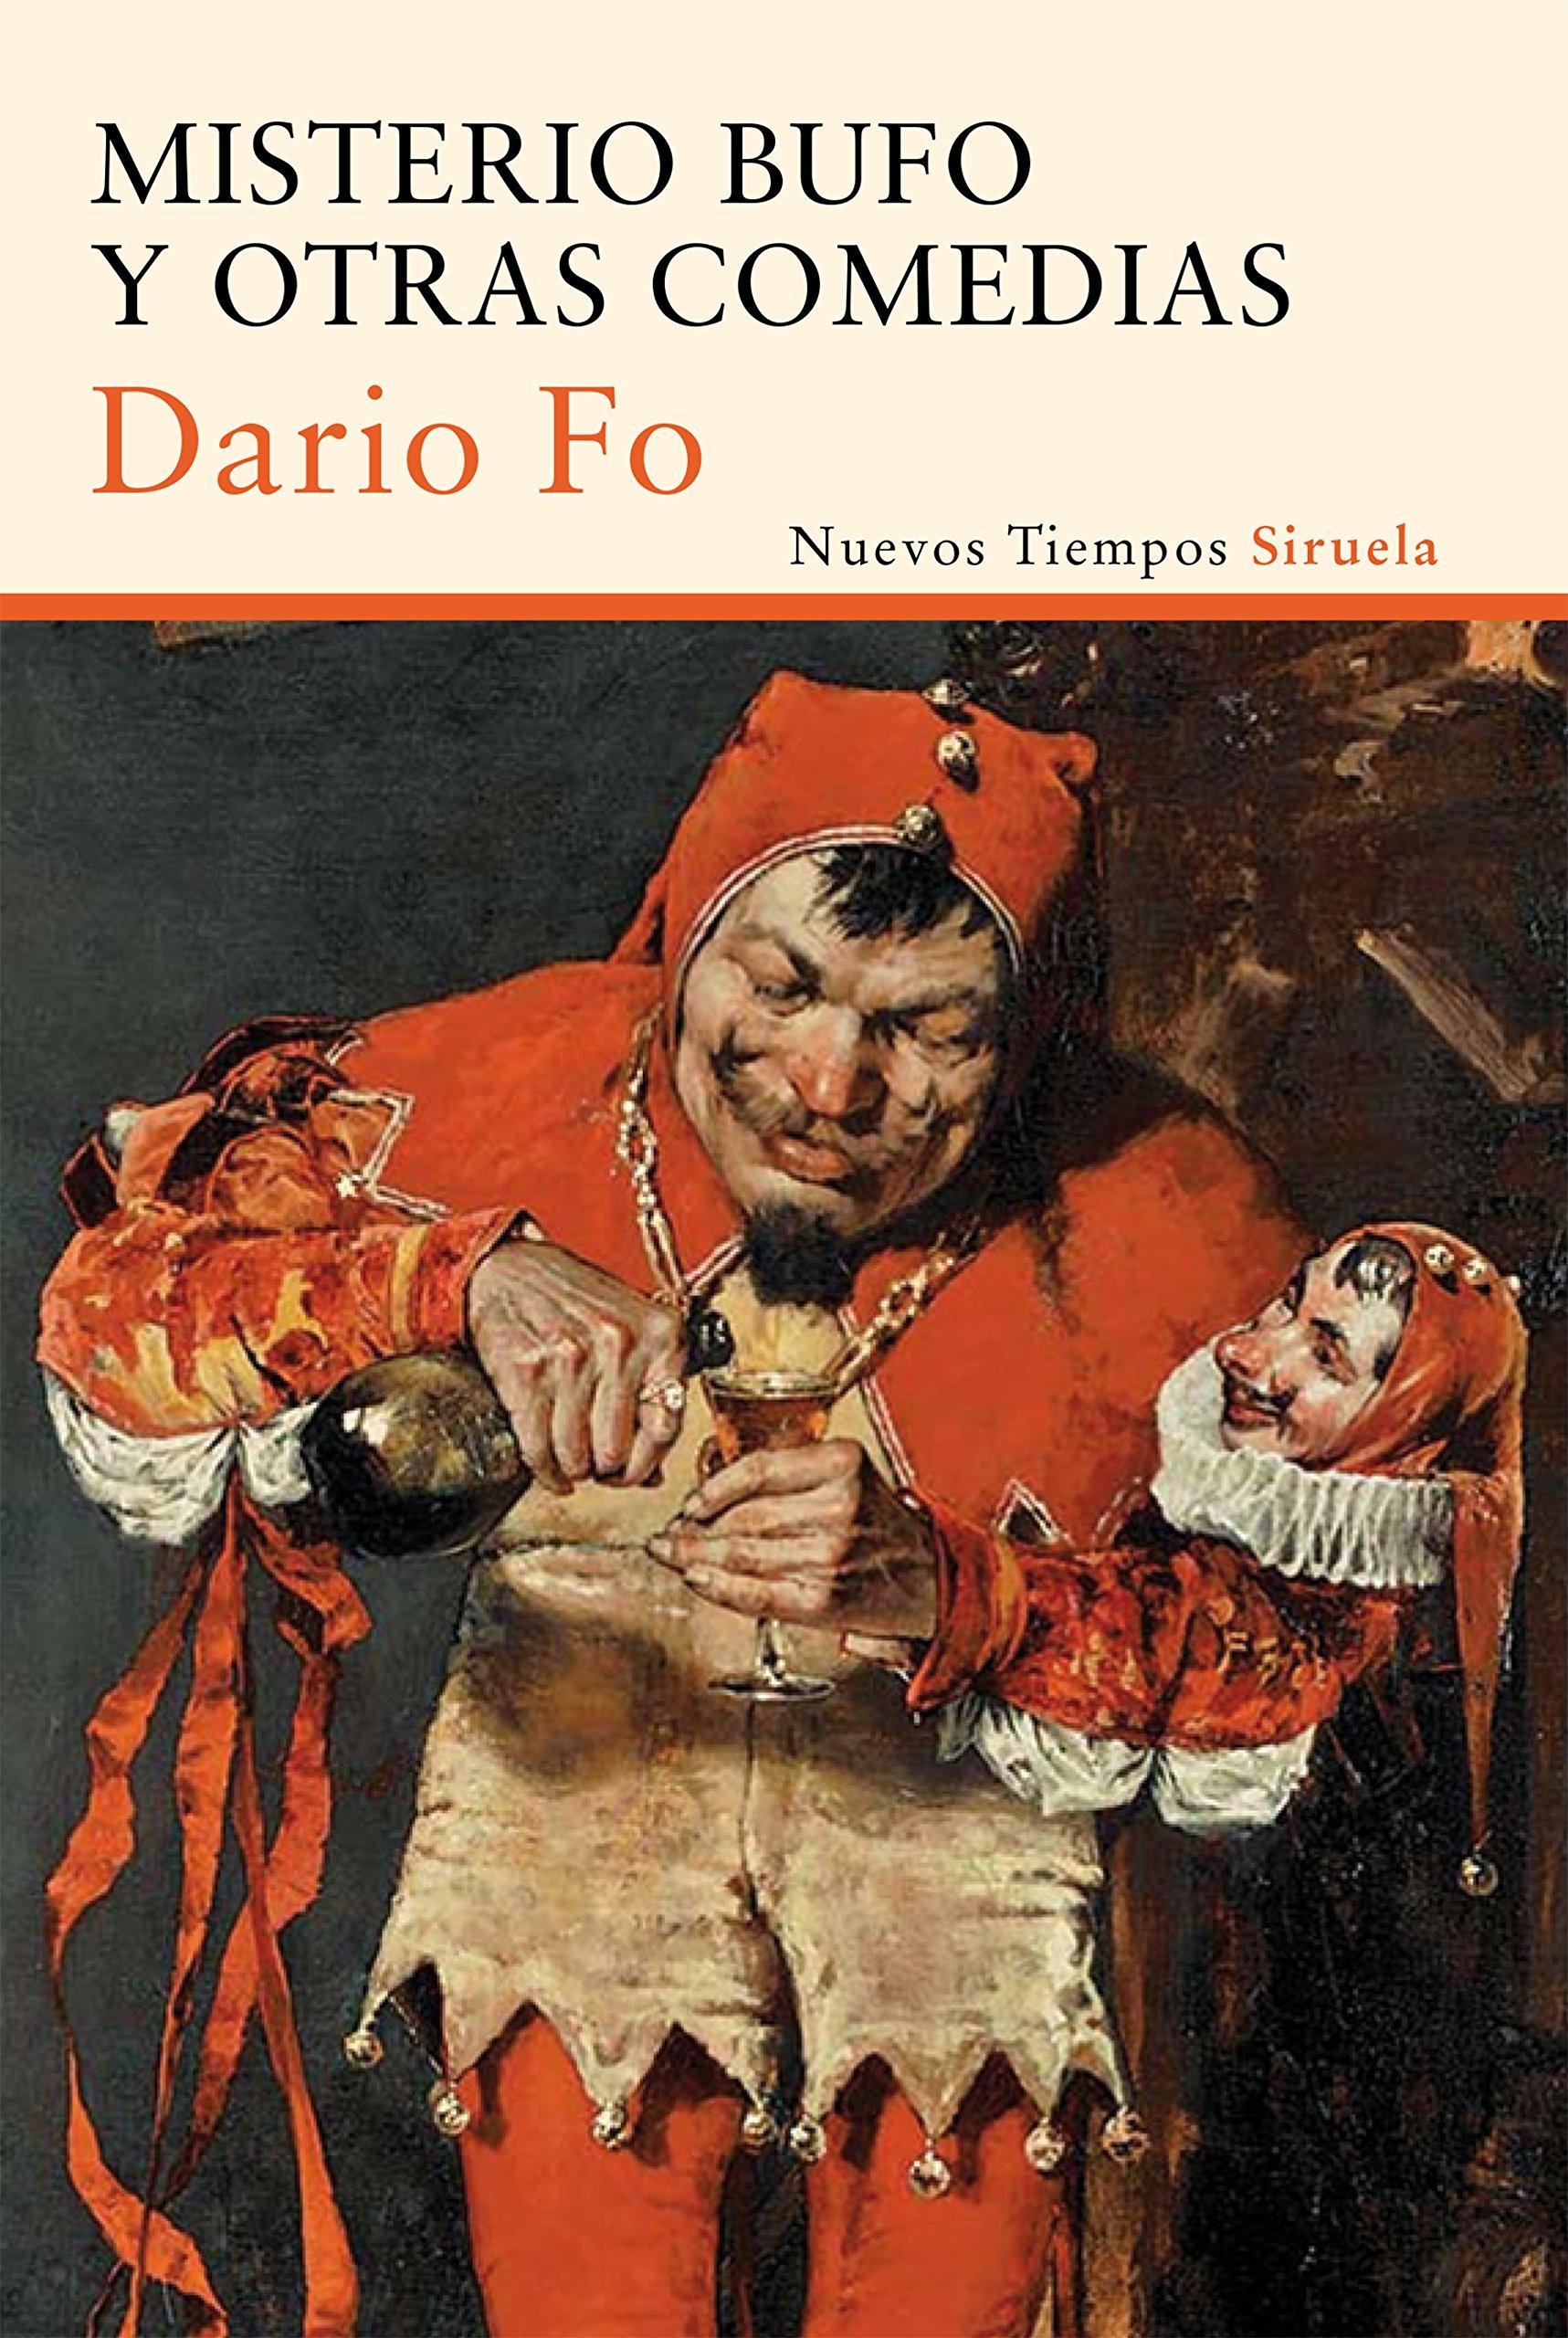 Misterio Bufo Y Otras Comedias (Nuevos Tiempos): Amazon.es: Dario Fo, Carla Matteini: Libros